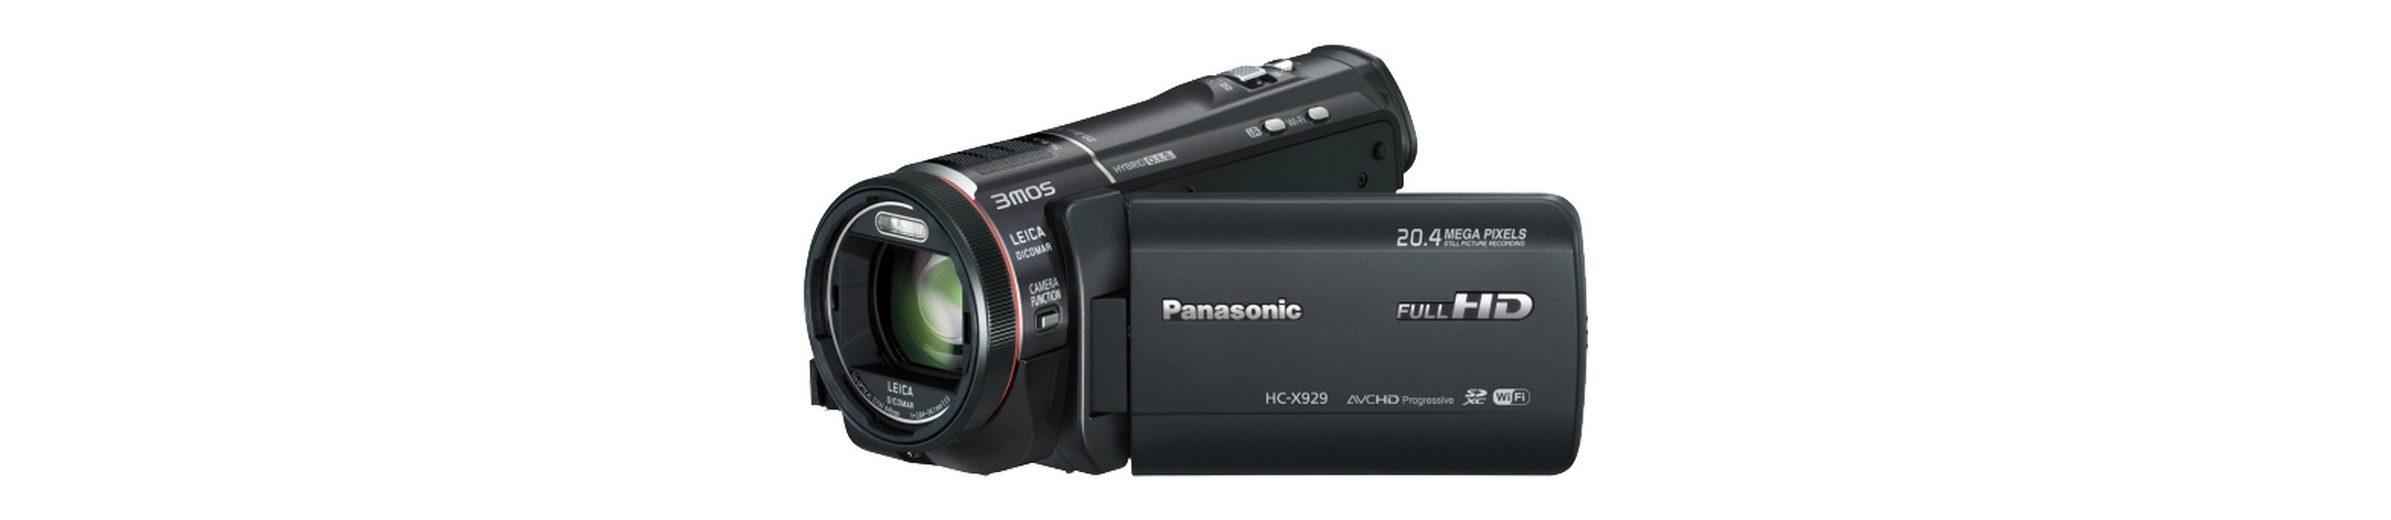 Panasonic HC-X929 1080p (Full HD) Camcorder, 3D-fähig, WLAN